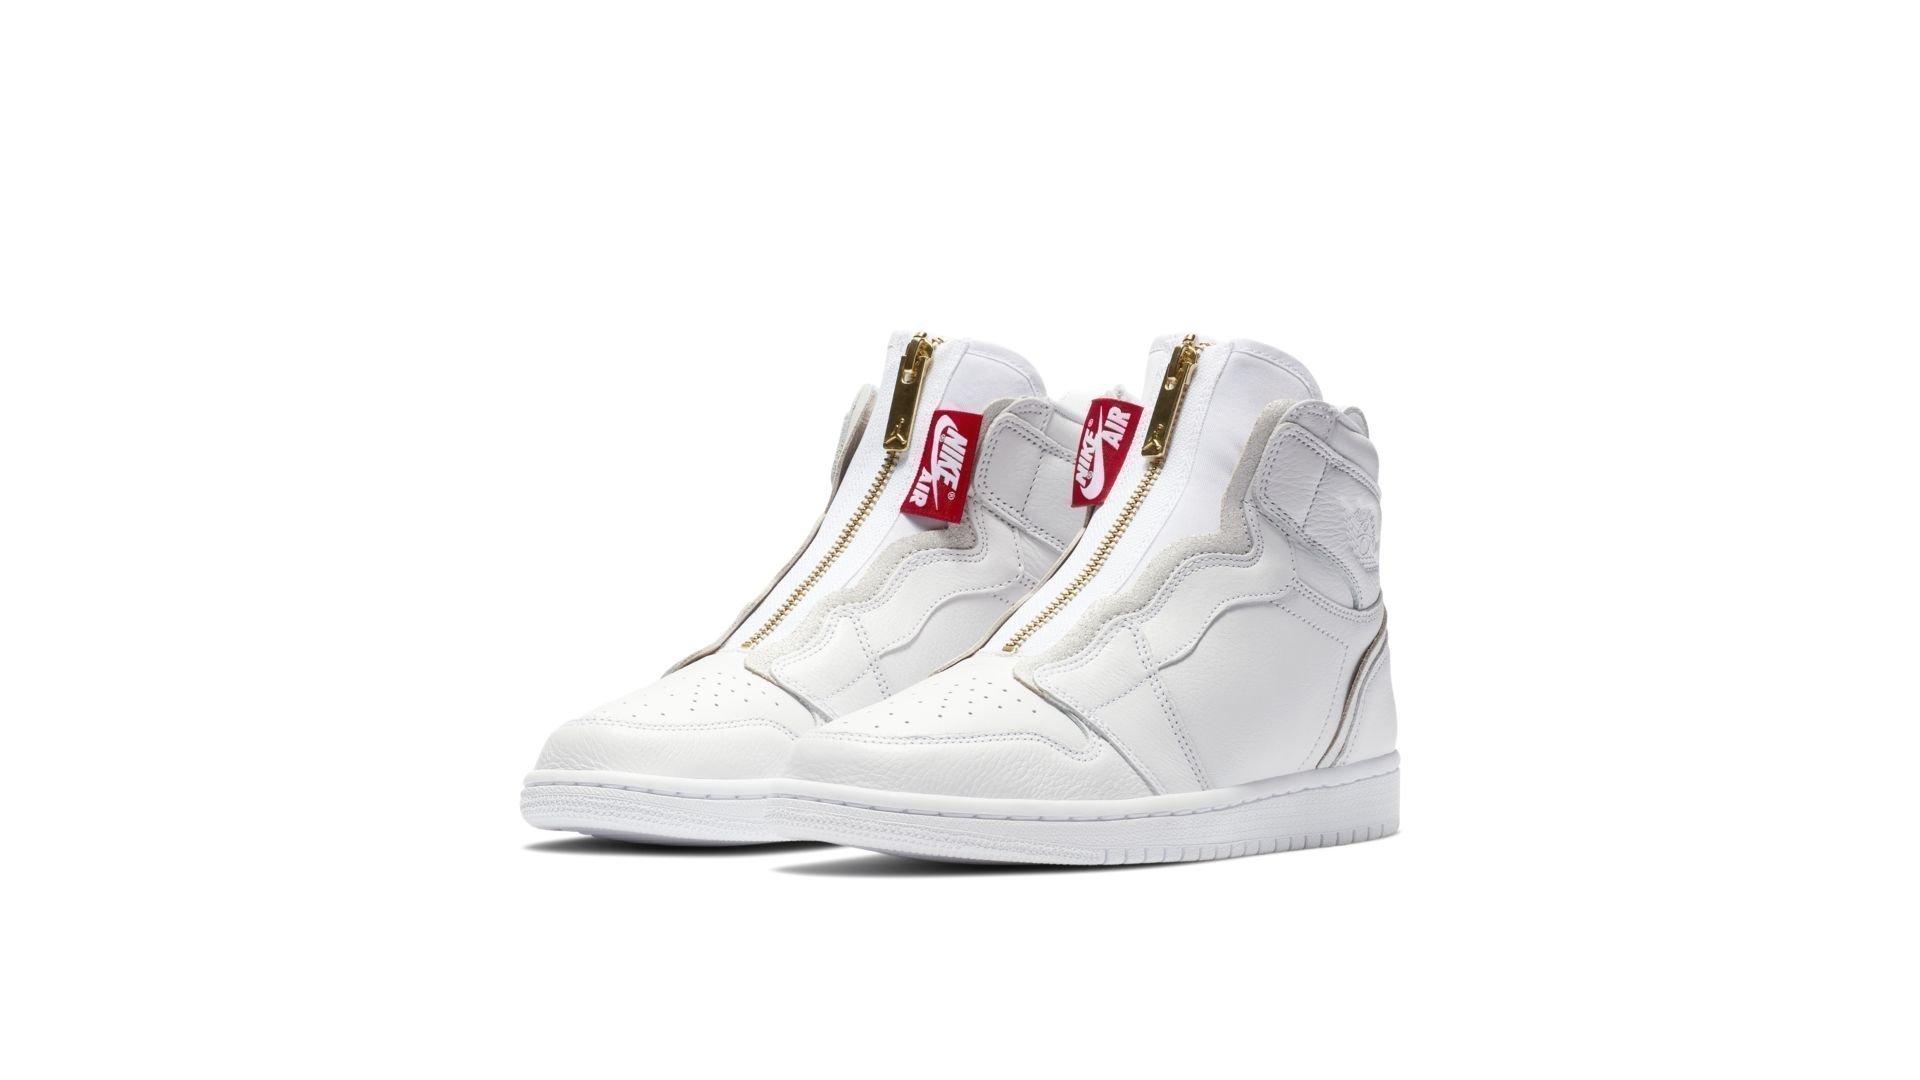 Air Jordan 1 High Zip 'White' (AQ3742-116)